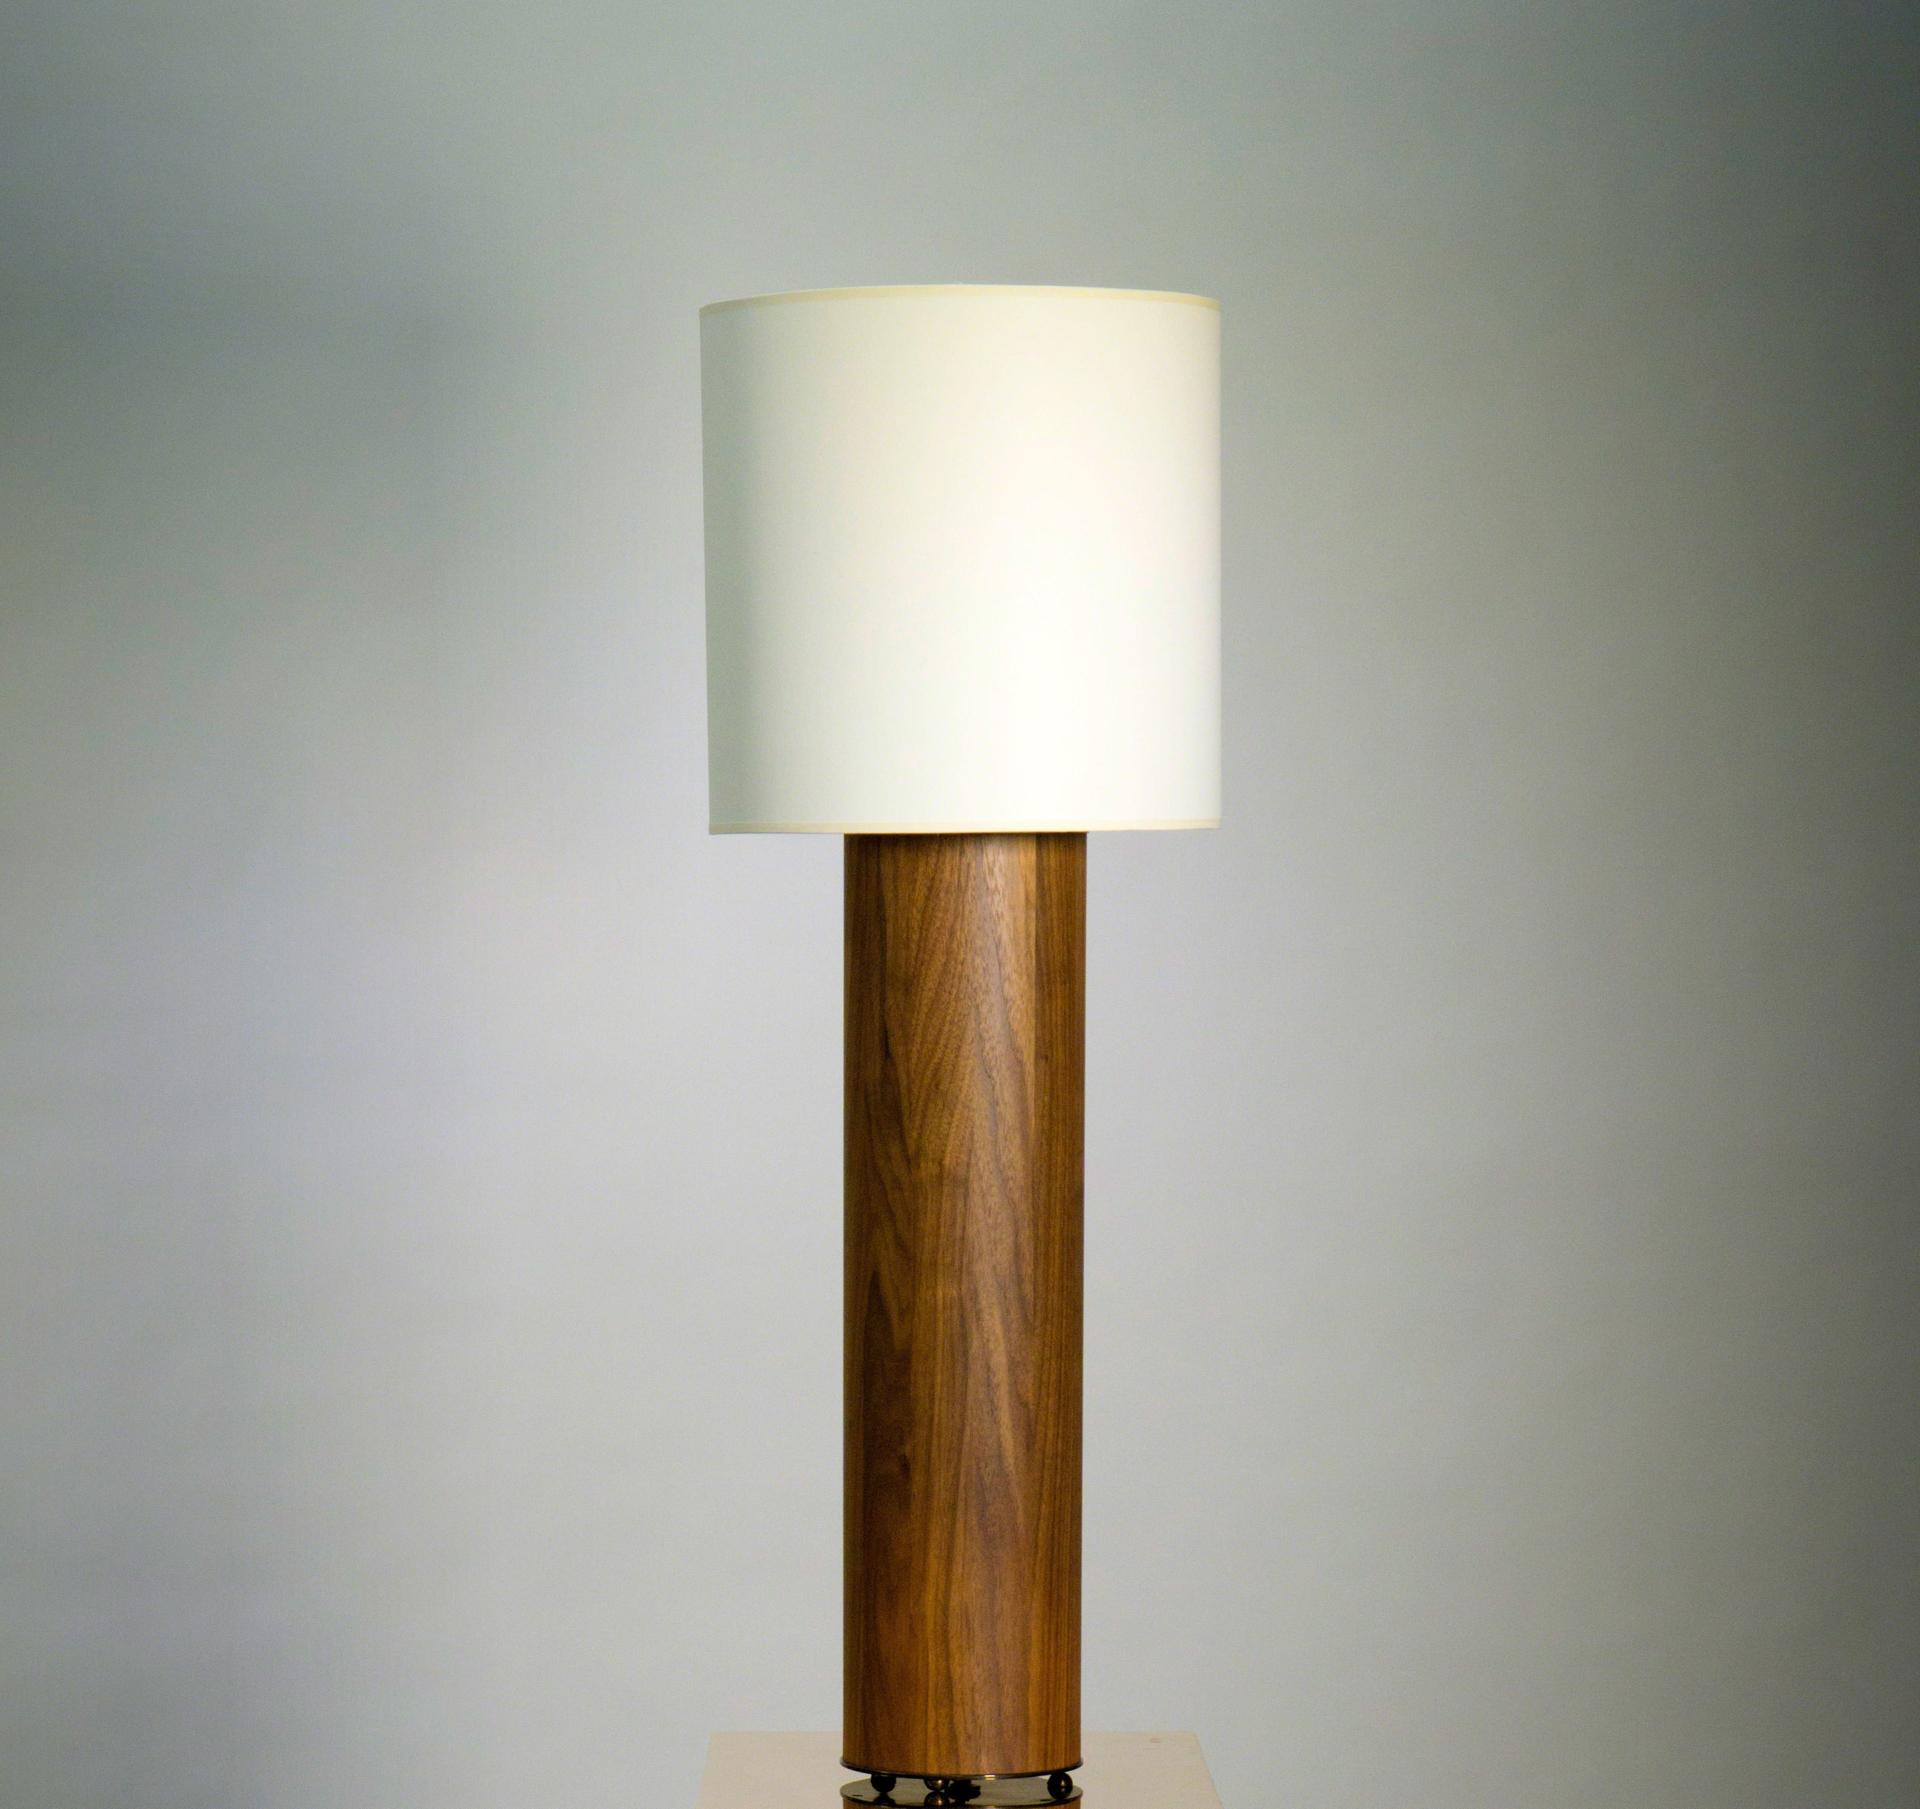 Table lamp by Tinatin Kilaberidze